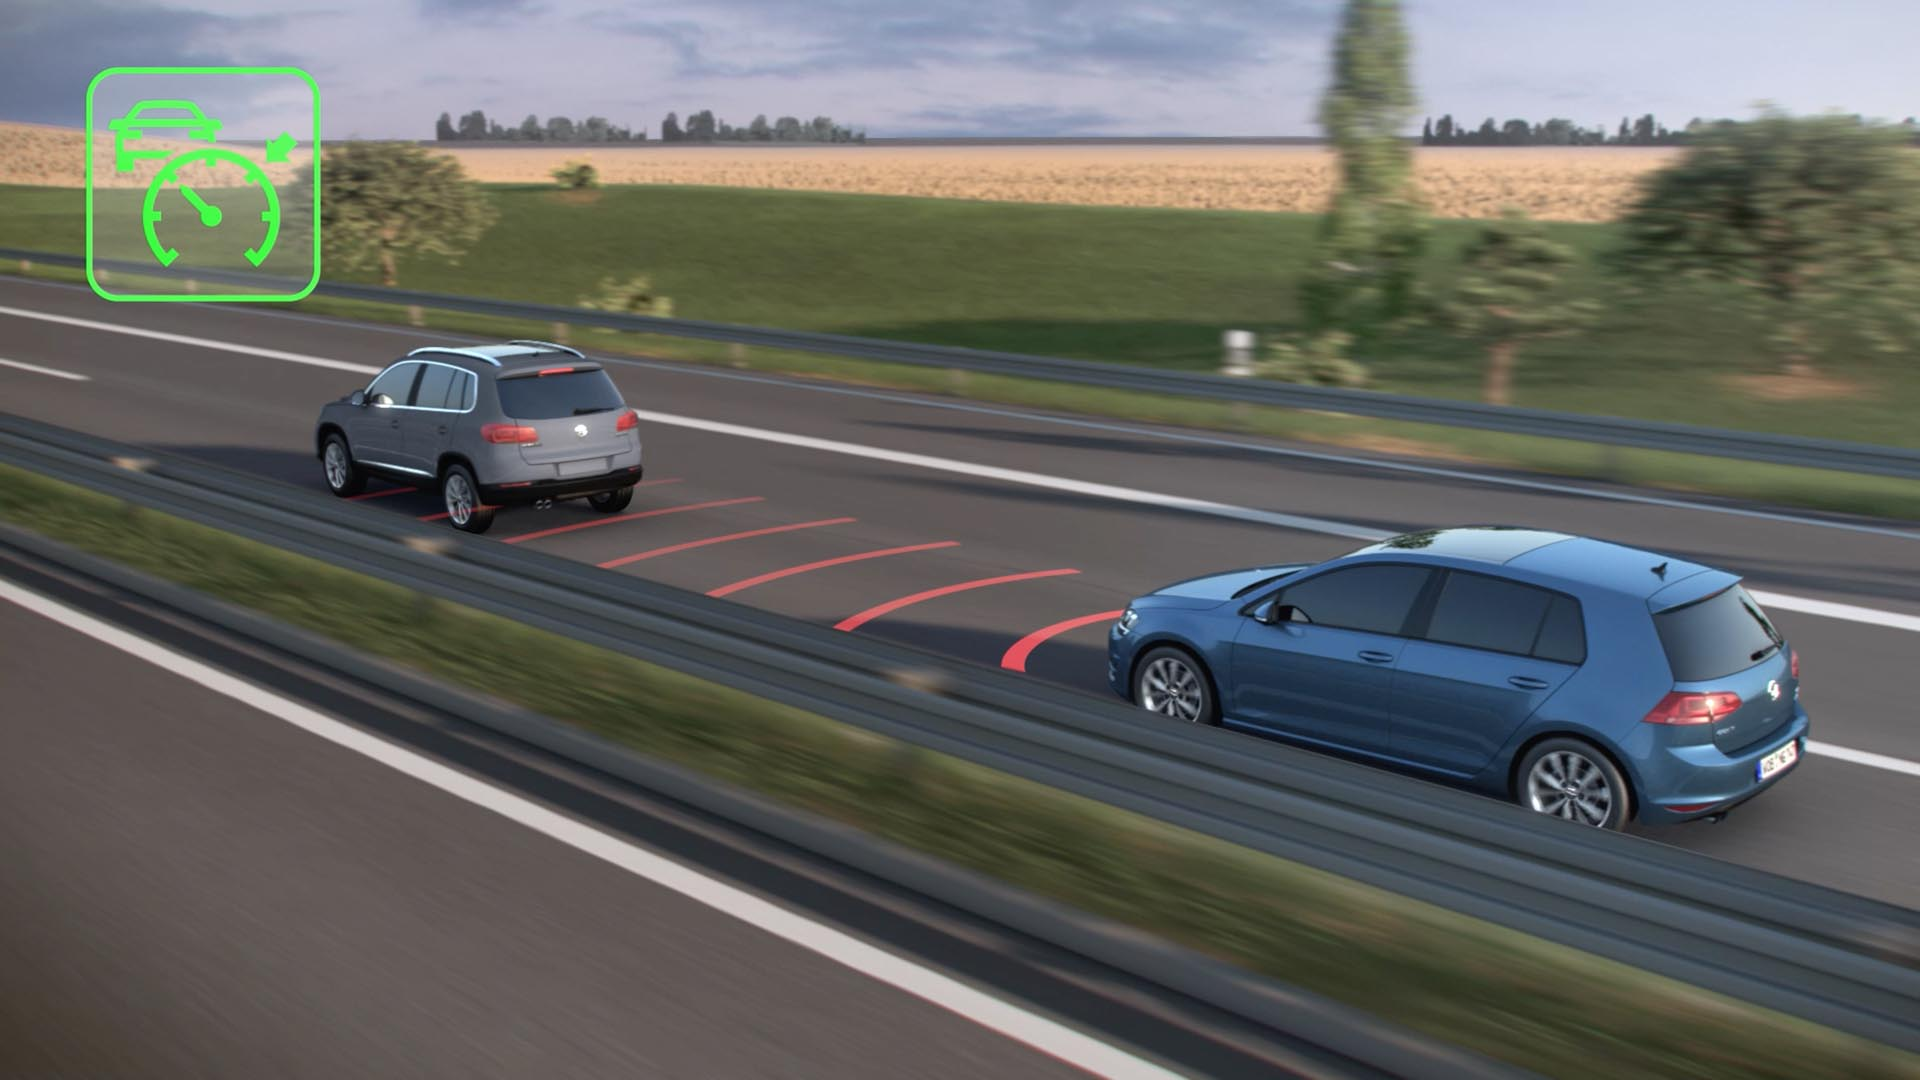 La automoción alemana busca una gran alianza en coches autónomos